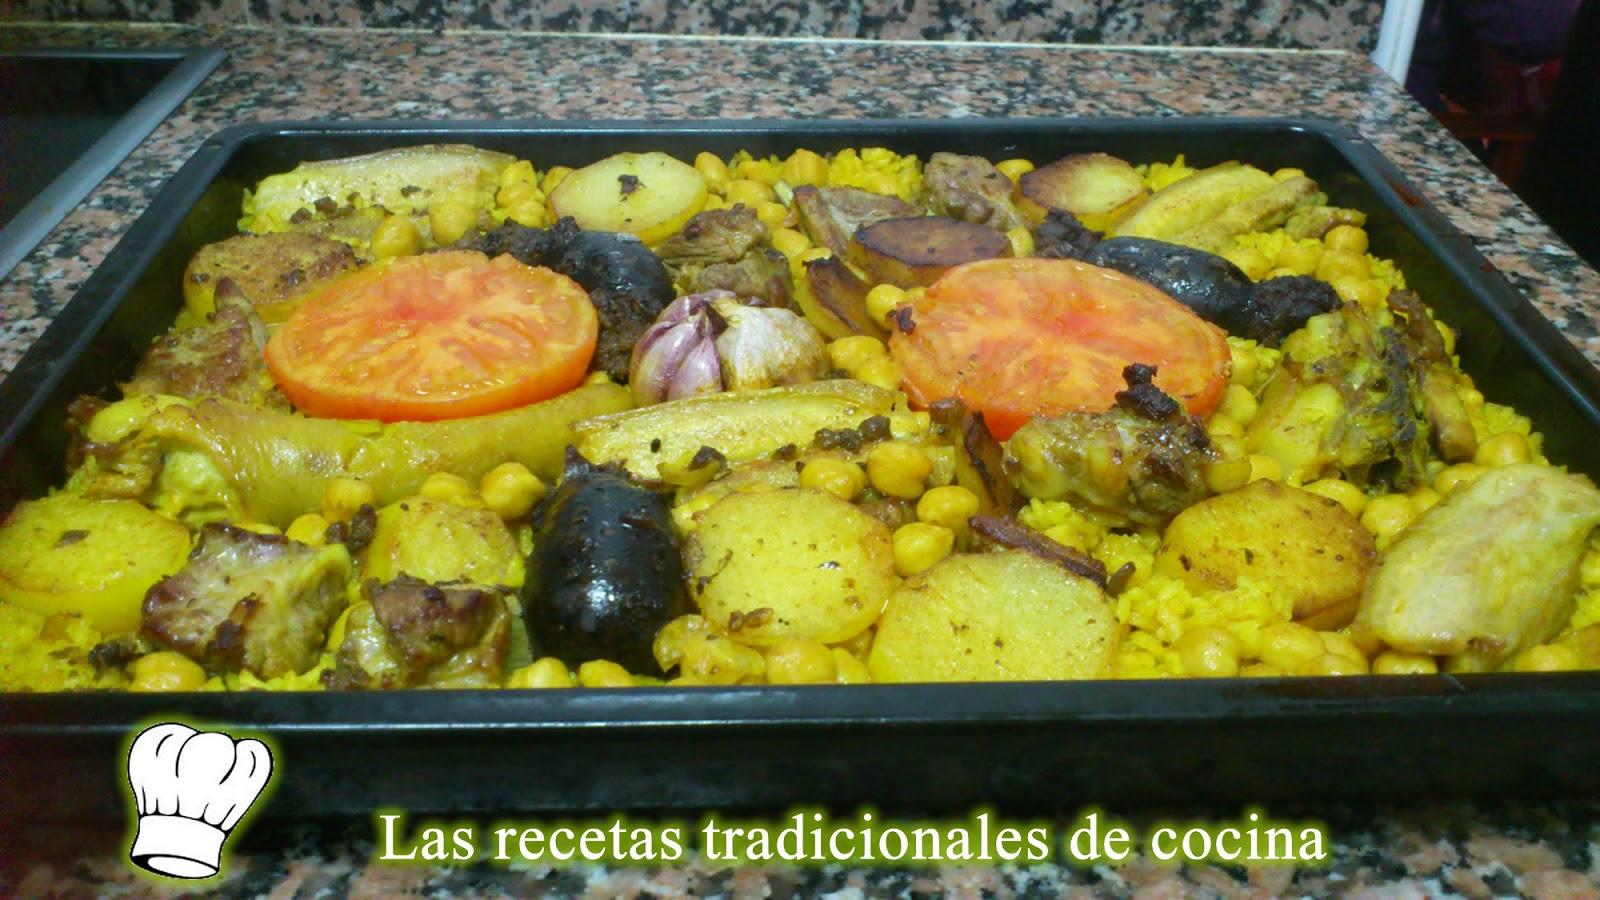 Receta de arroz al horno recetas de cocina con sabor - Receta bogavante al horno ...